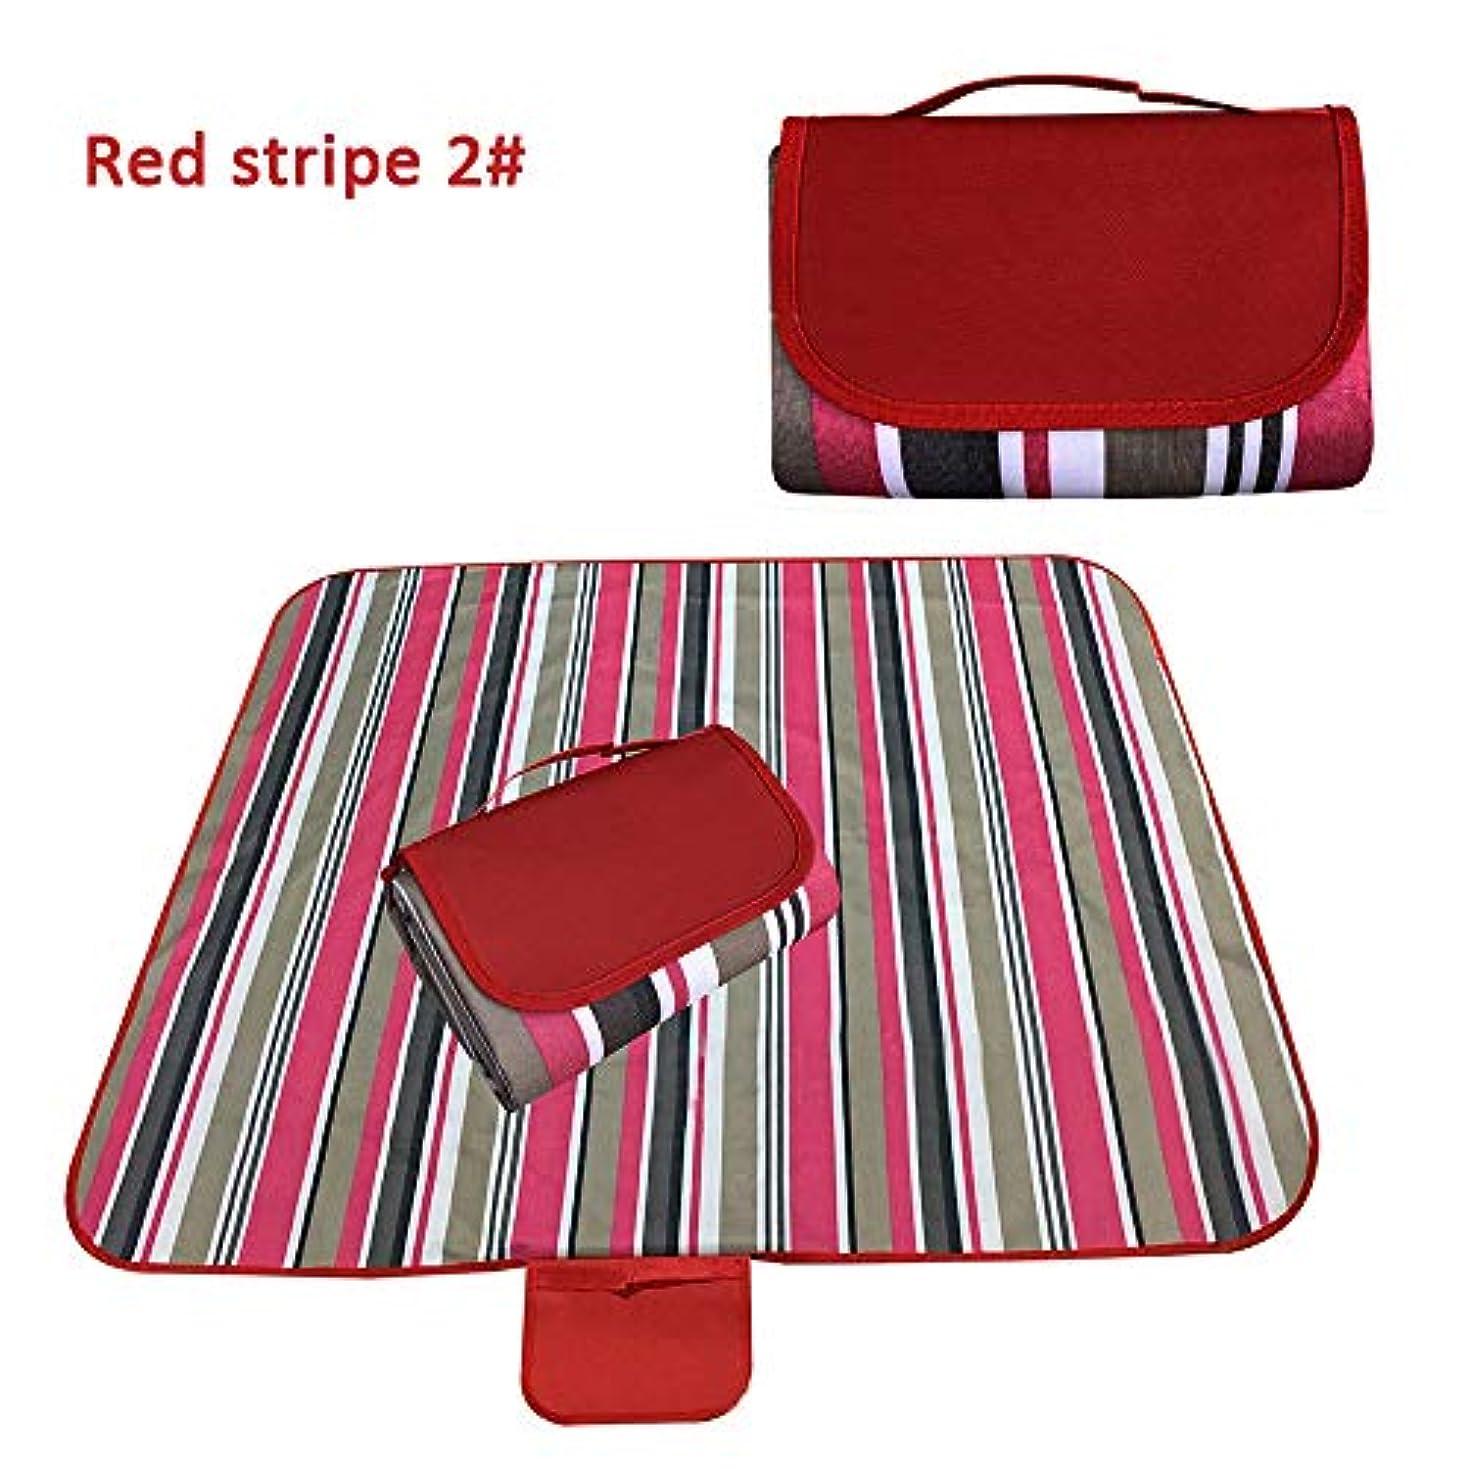 交差点ピジンミットKIICN ピクニック毛布ポータブル折りたたみキャンプマット 実用的なピクニックマット耐湿性パッドキャンプ布多機能屋外ストライプ丈夫